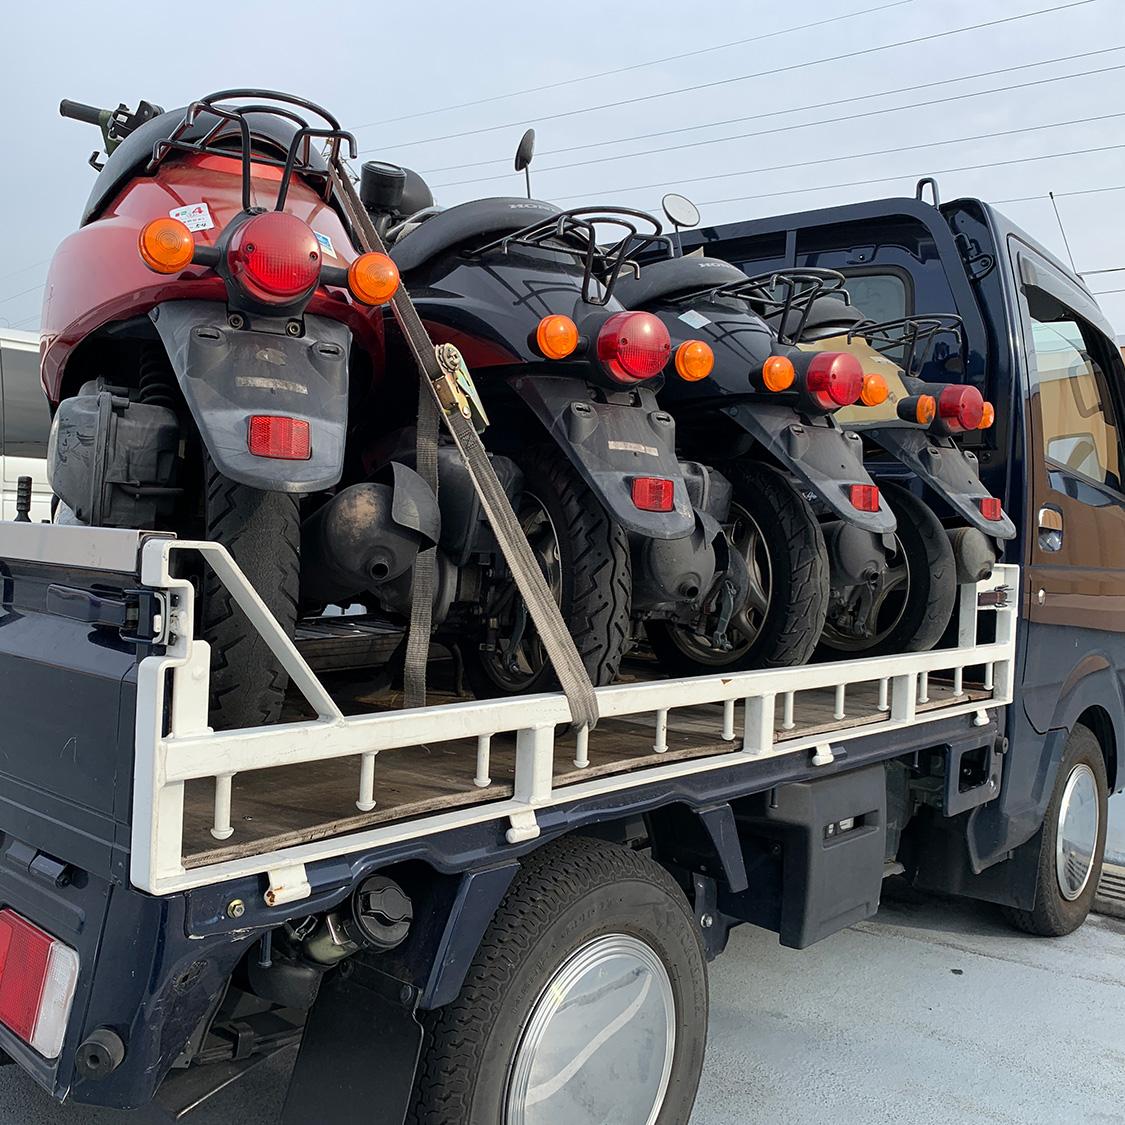 岸和田市でバイクの無料廃車をするなら|即日処分OKのバイク処分ドットコム